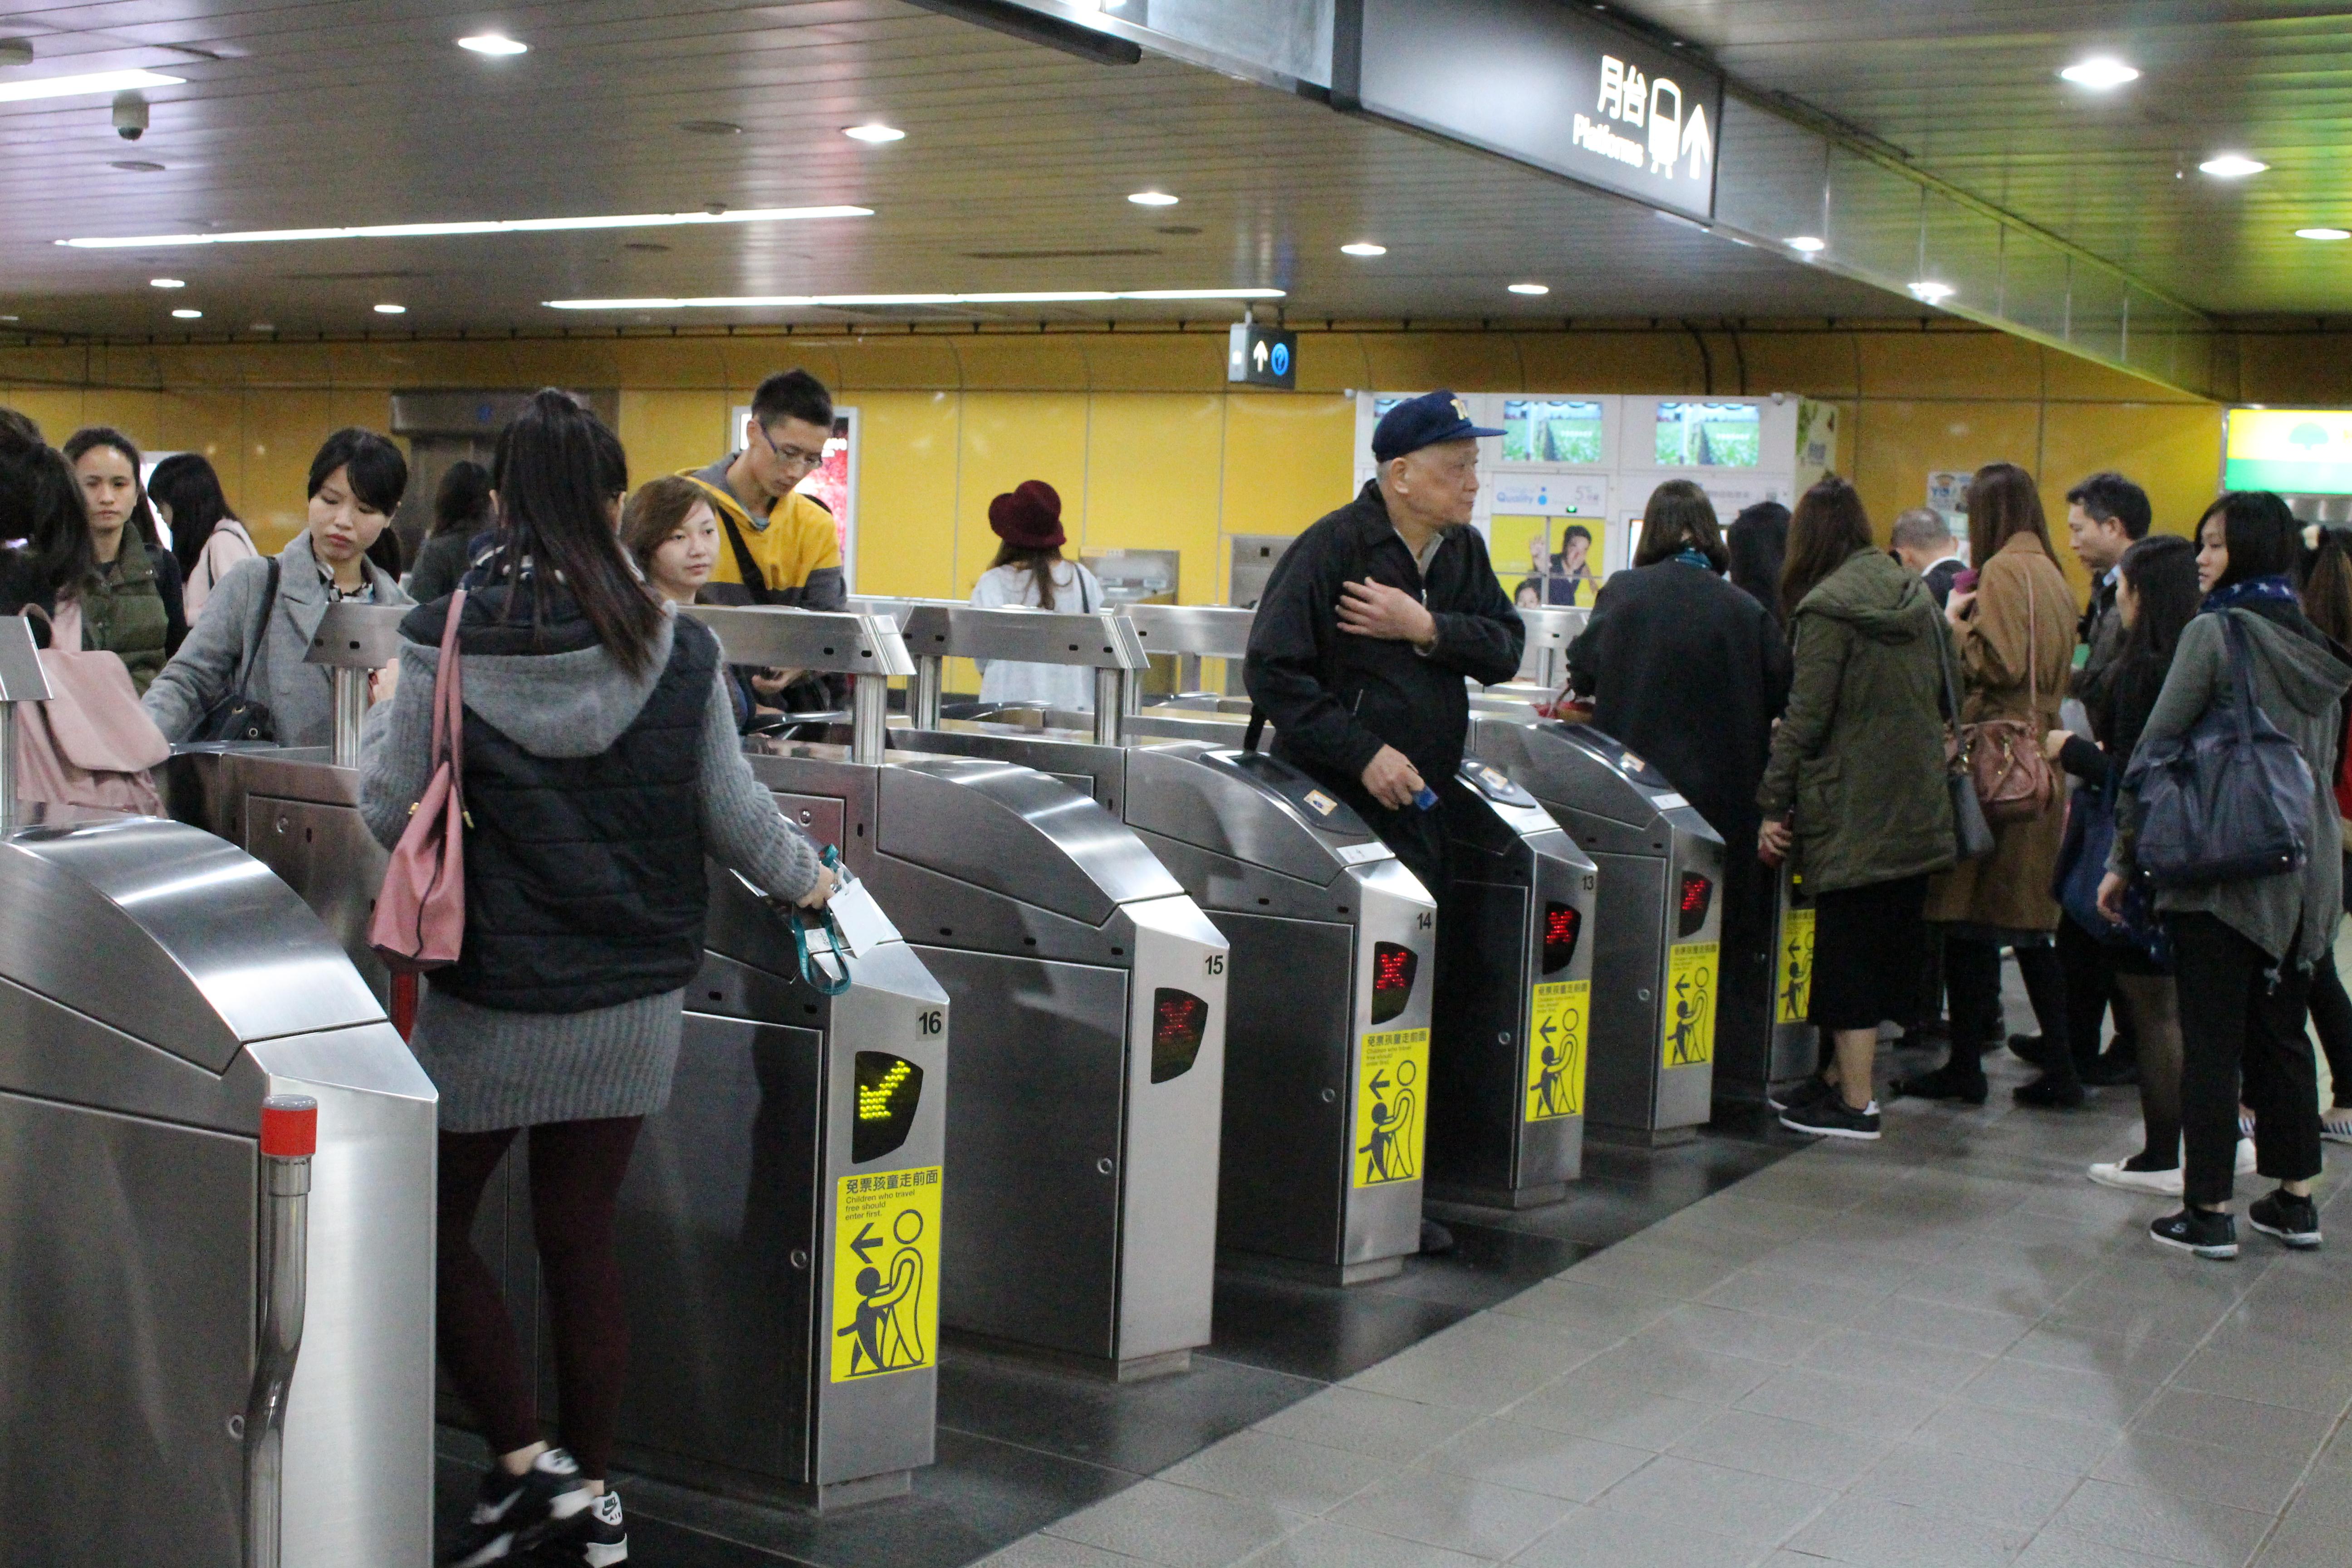 捷運站進出口人潮眾多。因捷運便利,為多數人的代步工具。攝影/徐沛姍